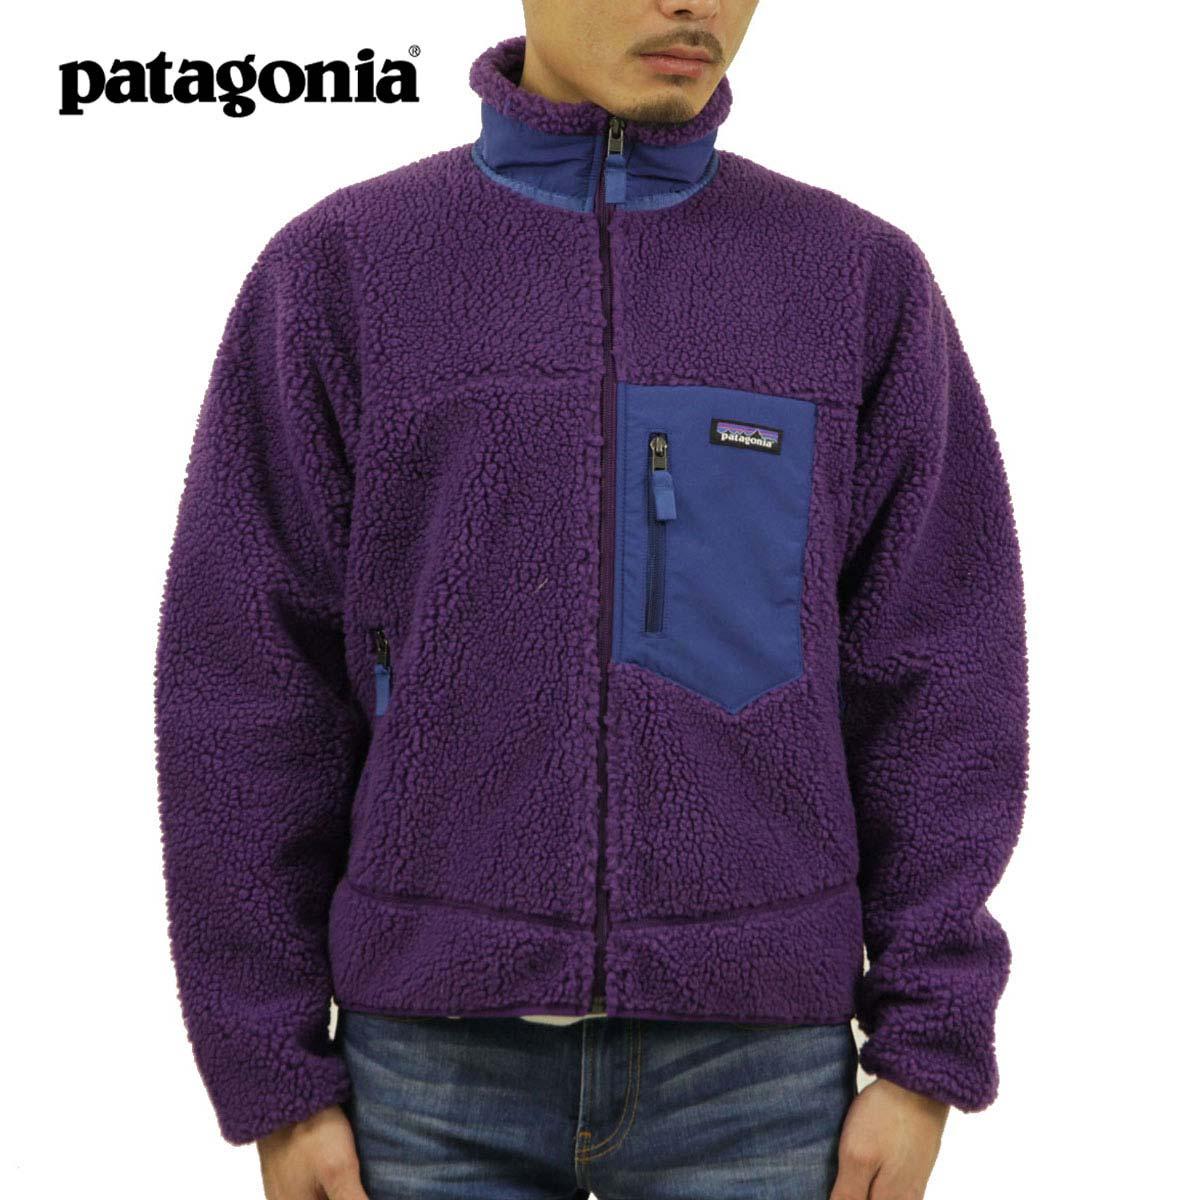 パタゴニア ジャケット メンズ 正規品 patagonia レトロX ボアジャケット MEN'S CLASSIC RETRO-X FLEECE JACKET PURPLE 23056 A53B B1C C1D D4E E24F ホワイトデー 2021 ラッピング無料